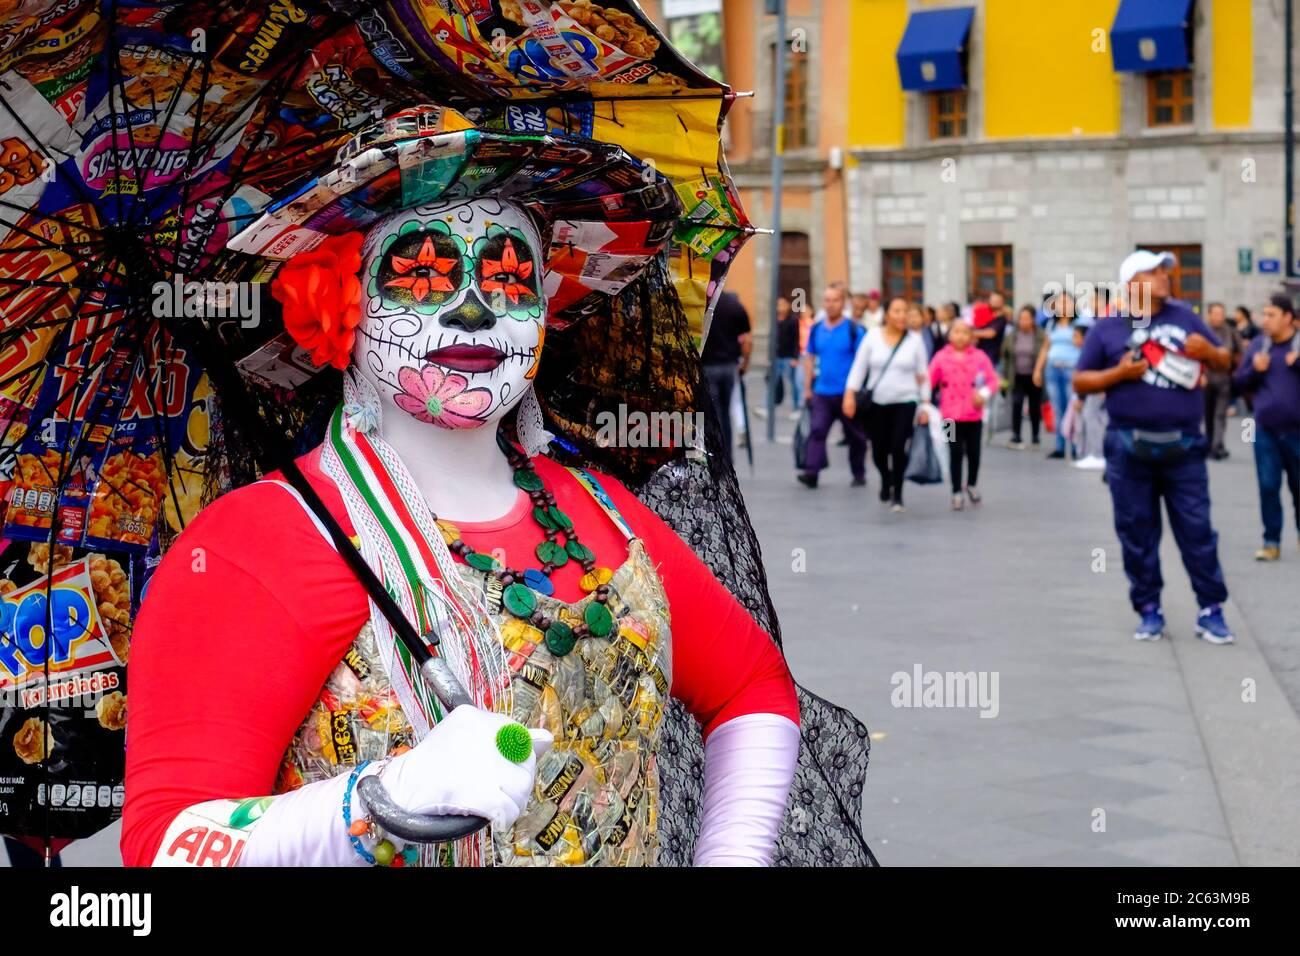 Femme mexicaine portant un costume de Catrina coloré à Mexico Banque D'Images